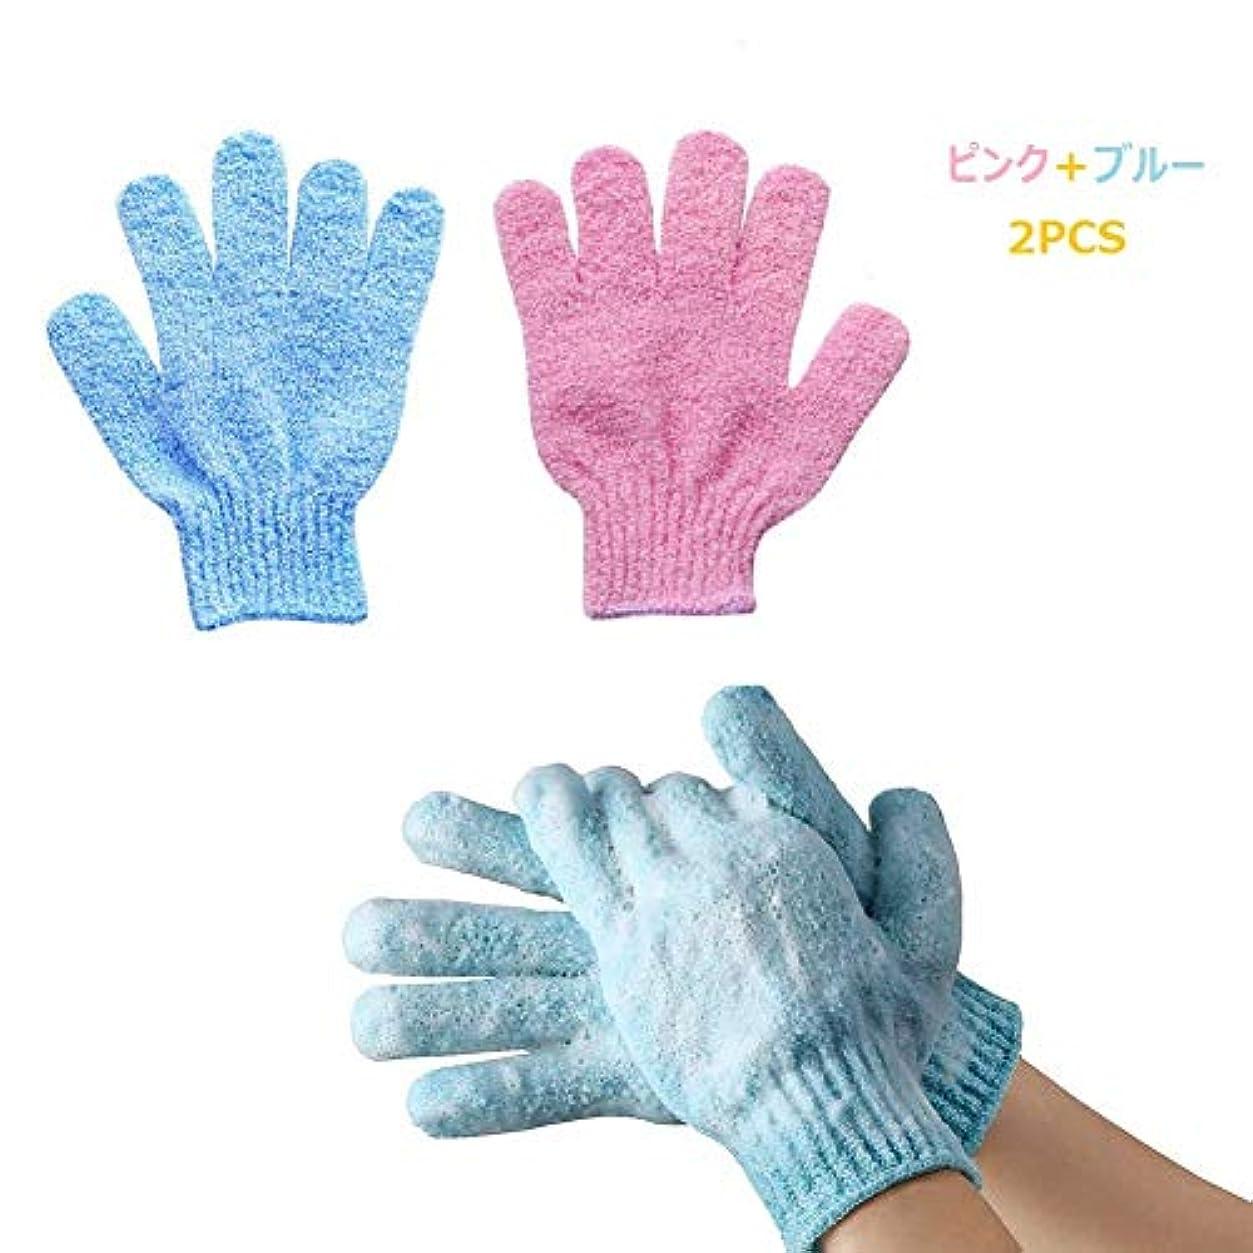 ハッチスカープシンボルROOFTOPS お風呂手袋 五本指 シャワーグローブ 泡立ち 柔らかい 入浴用品 角質除去 垢すり 2PCS (ピンク+ブルー)